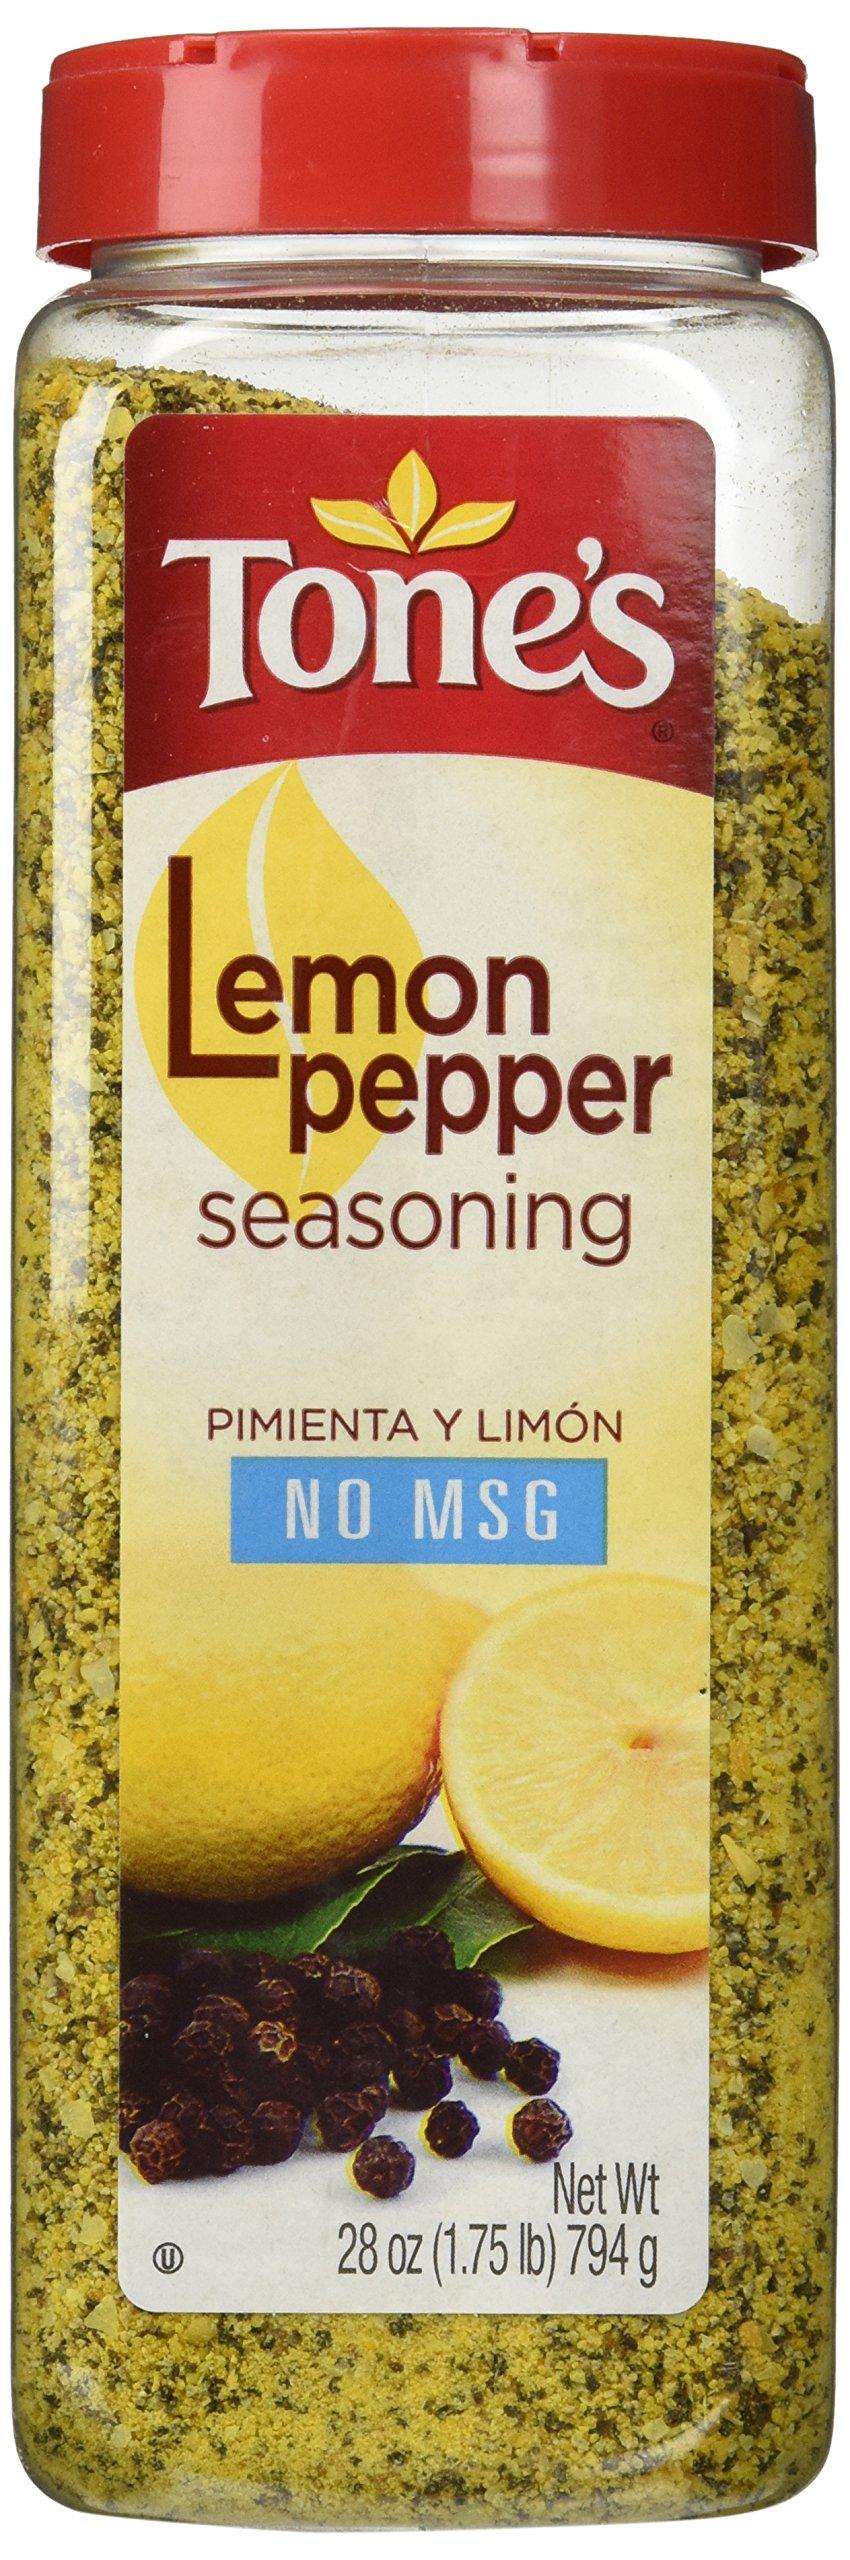 Tone's Lemon Pepper Blend - 28oz shaker